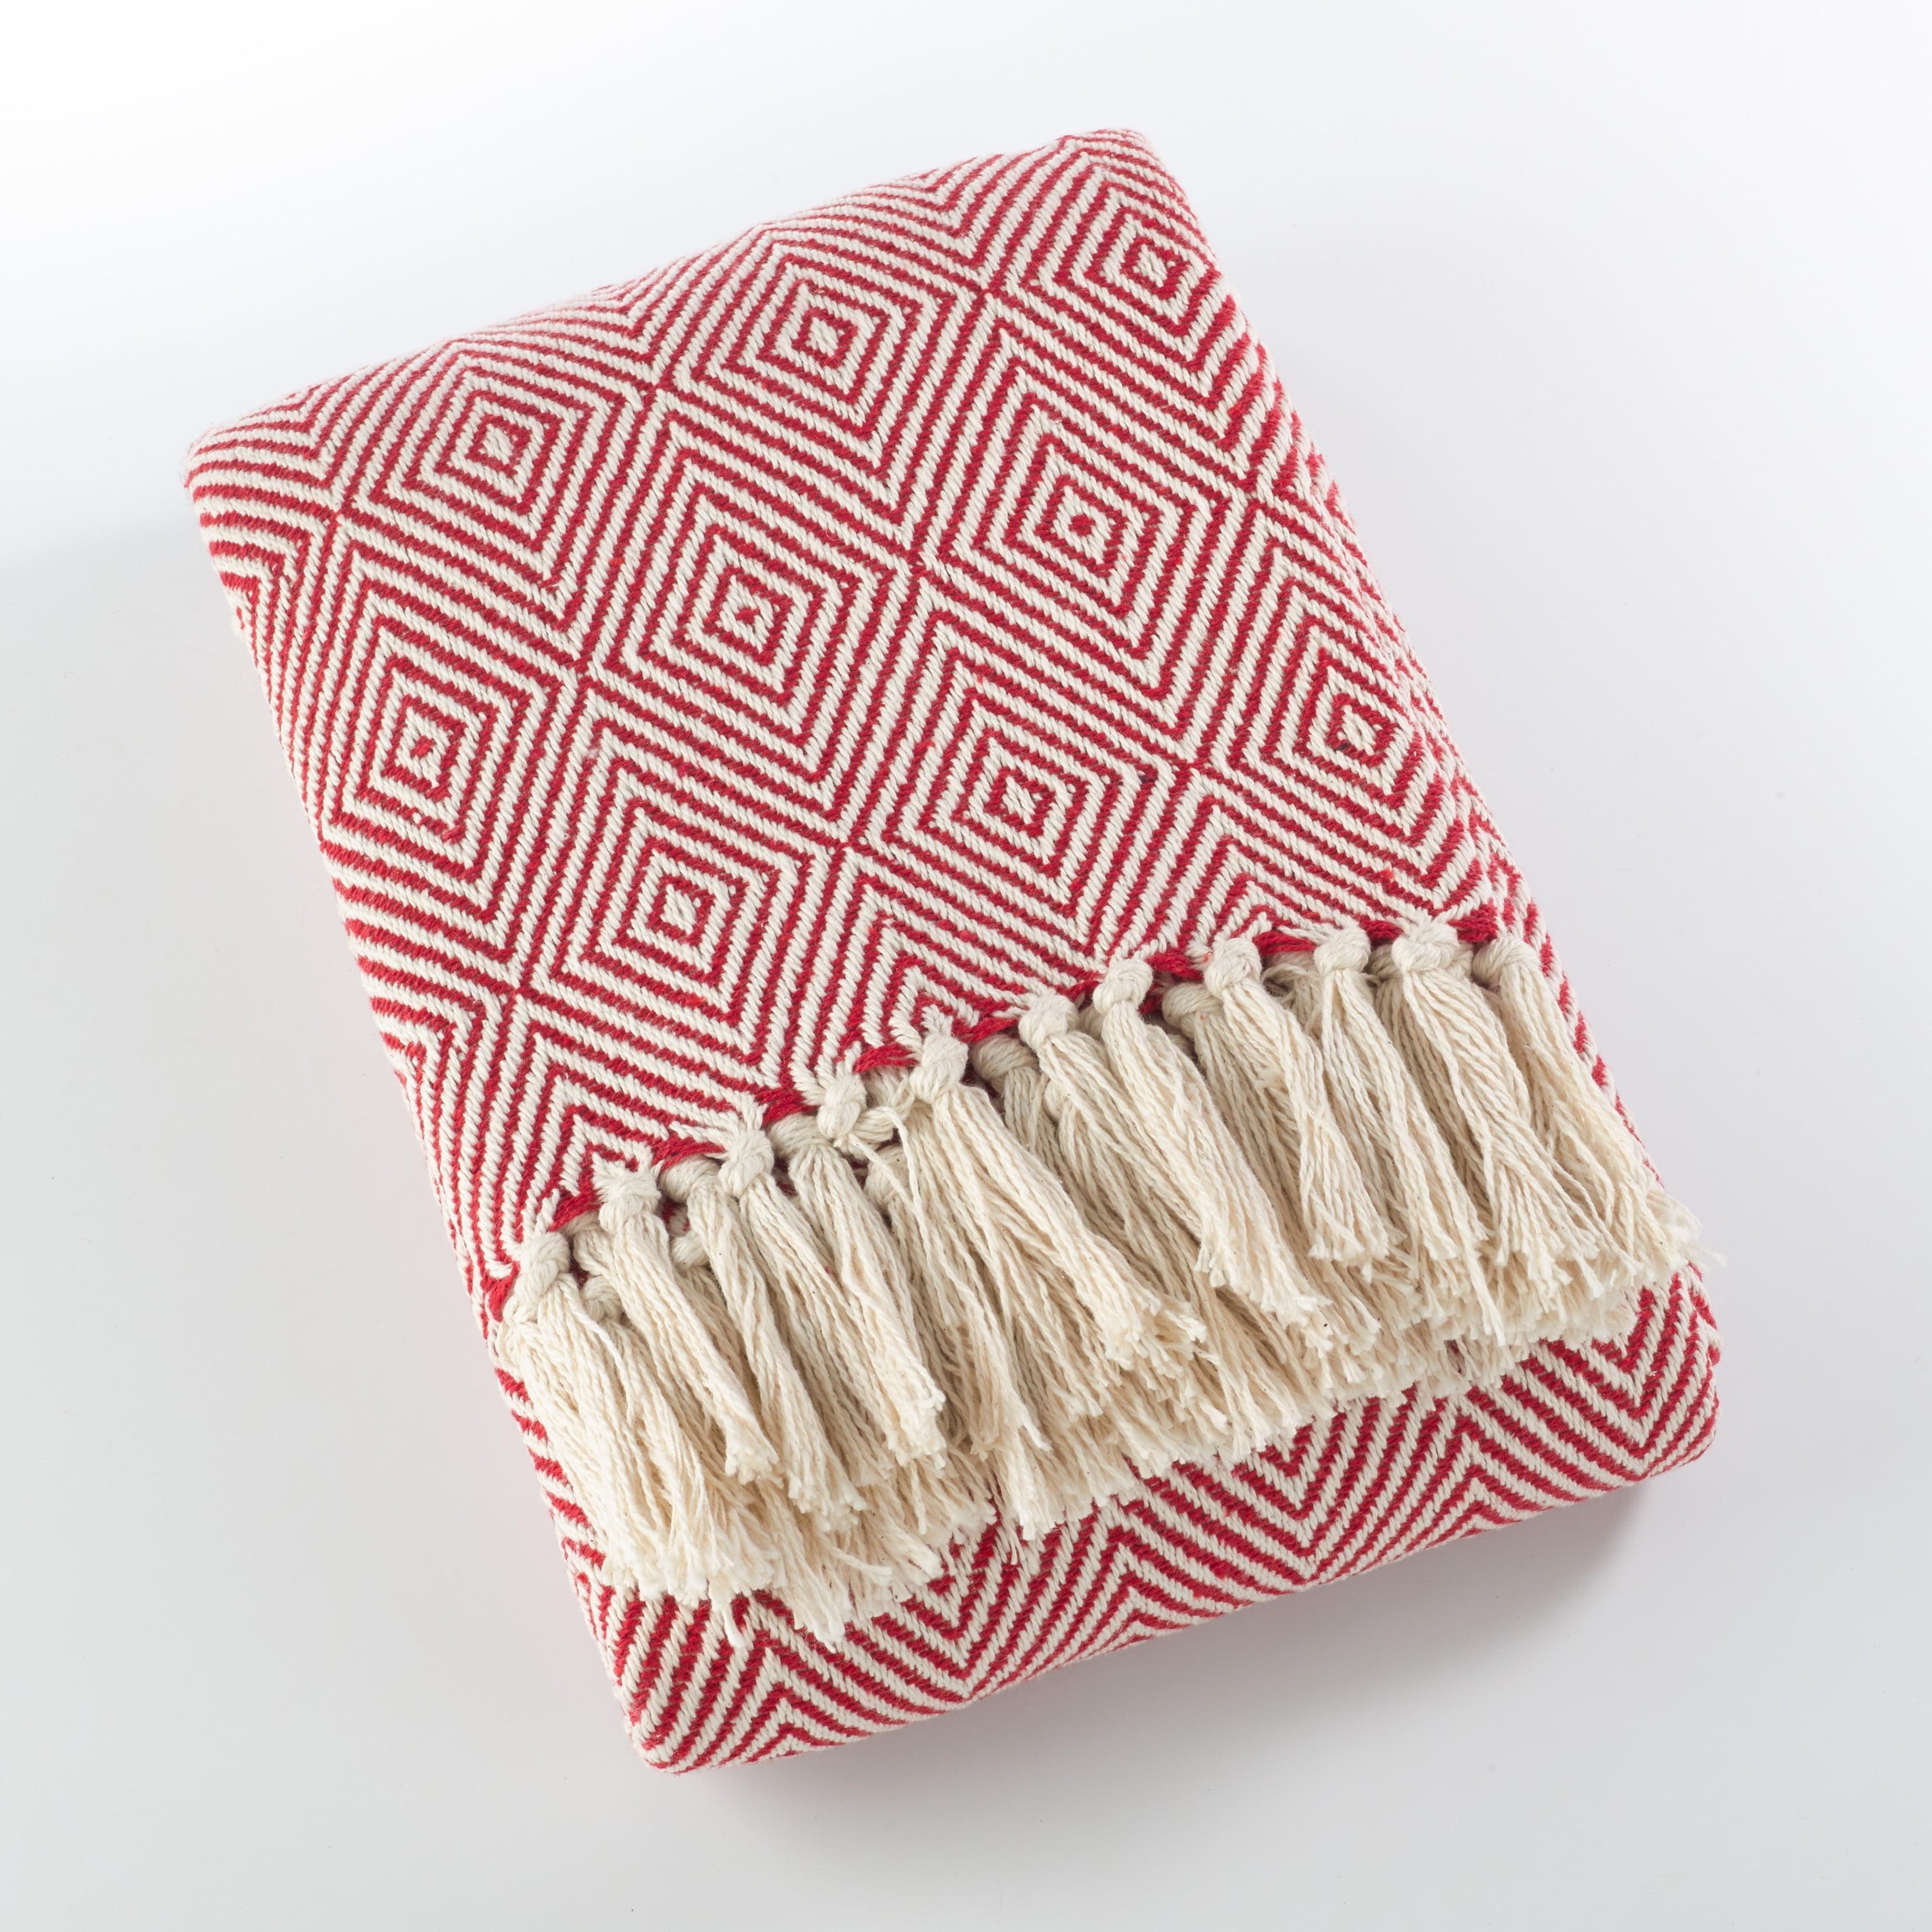 Saro Cotton Throw Blanket With Diamond Weave Design